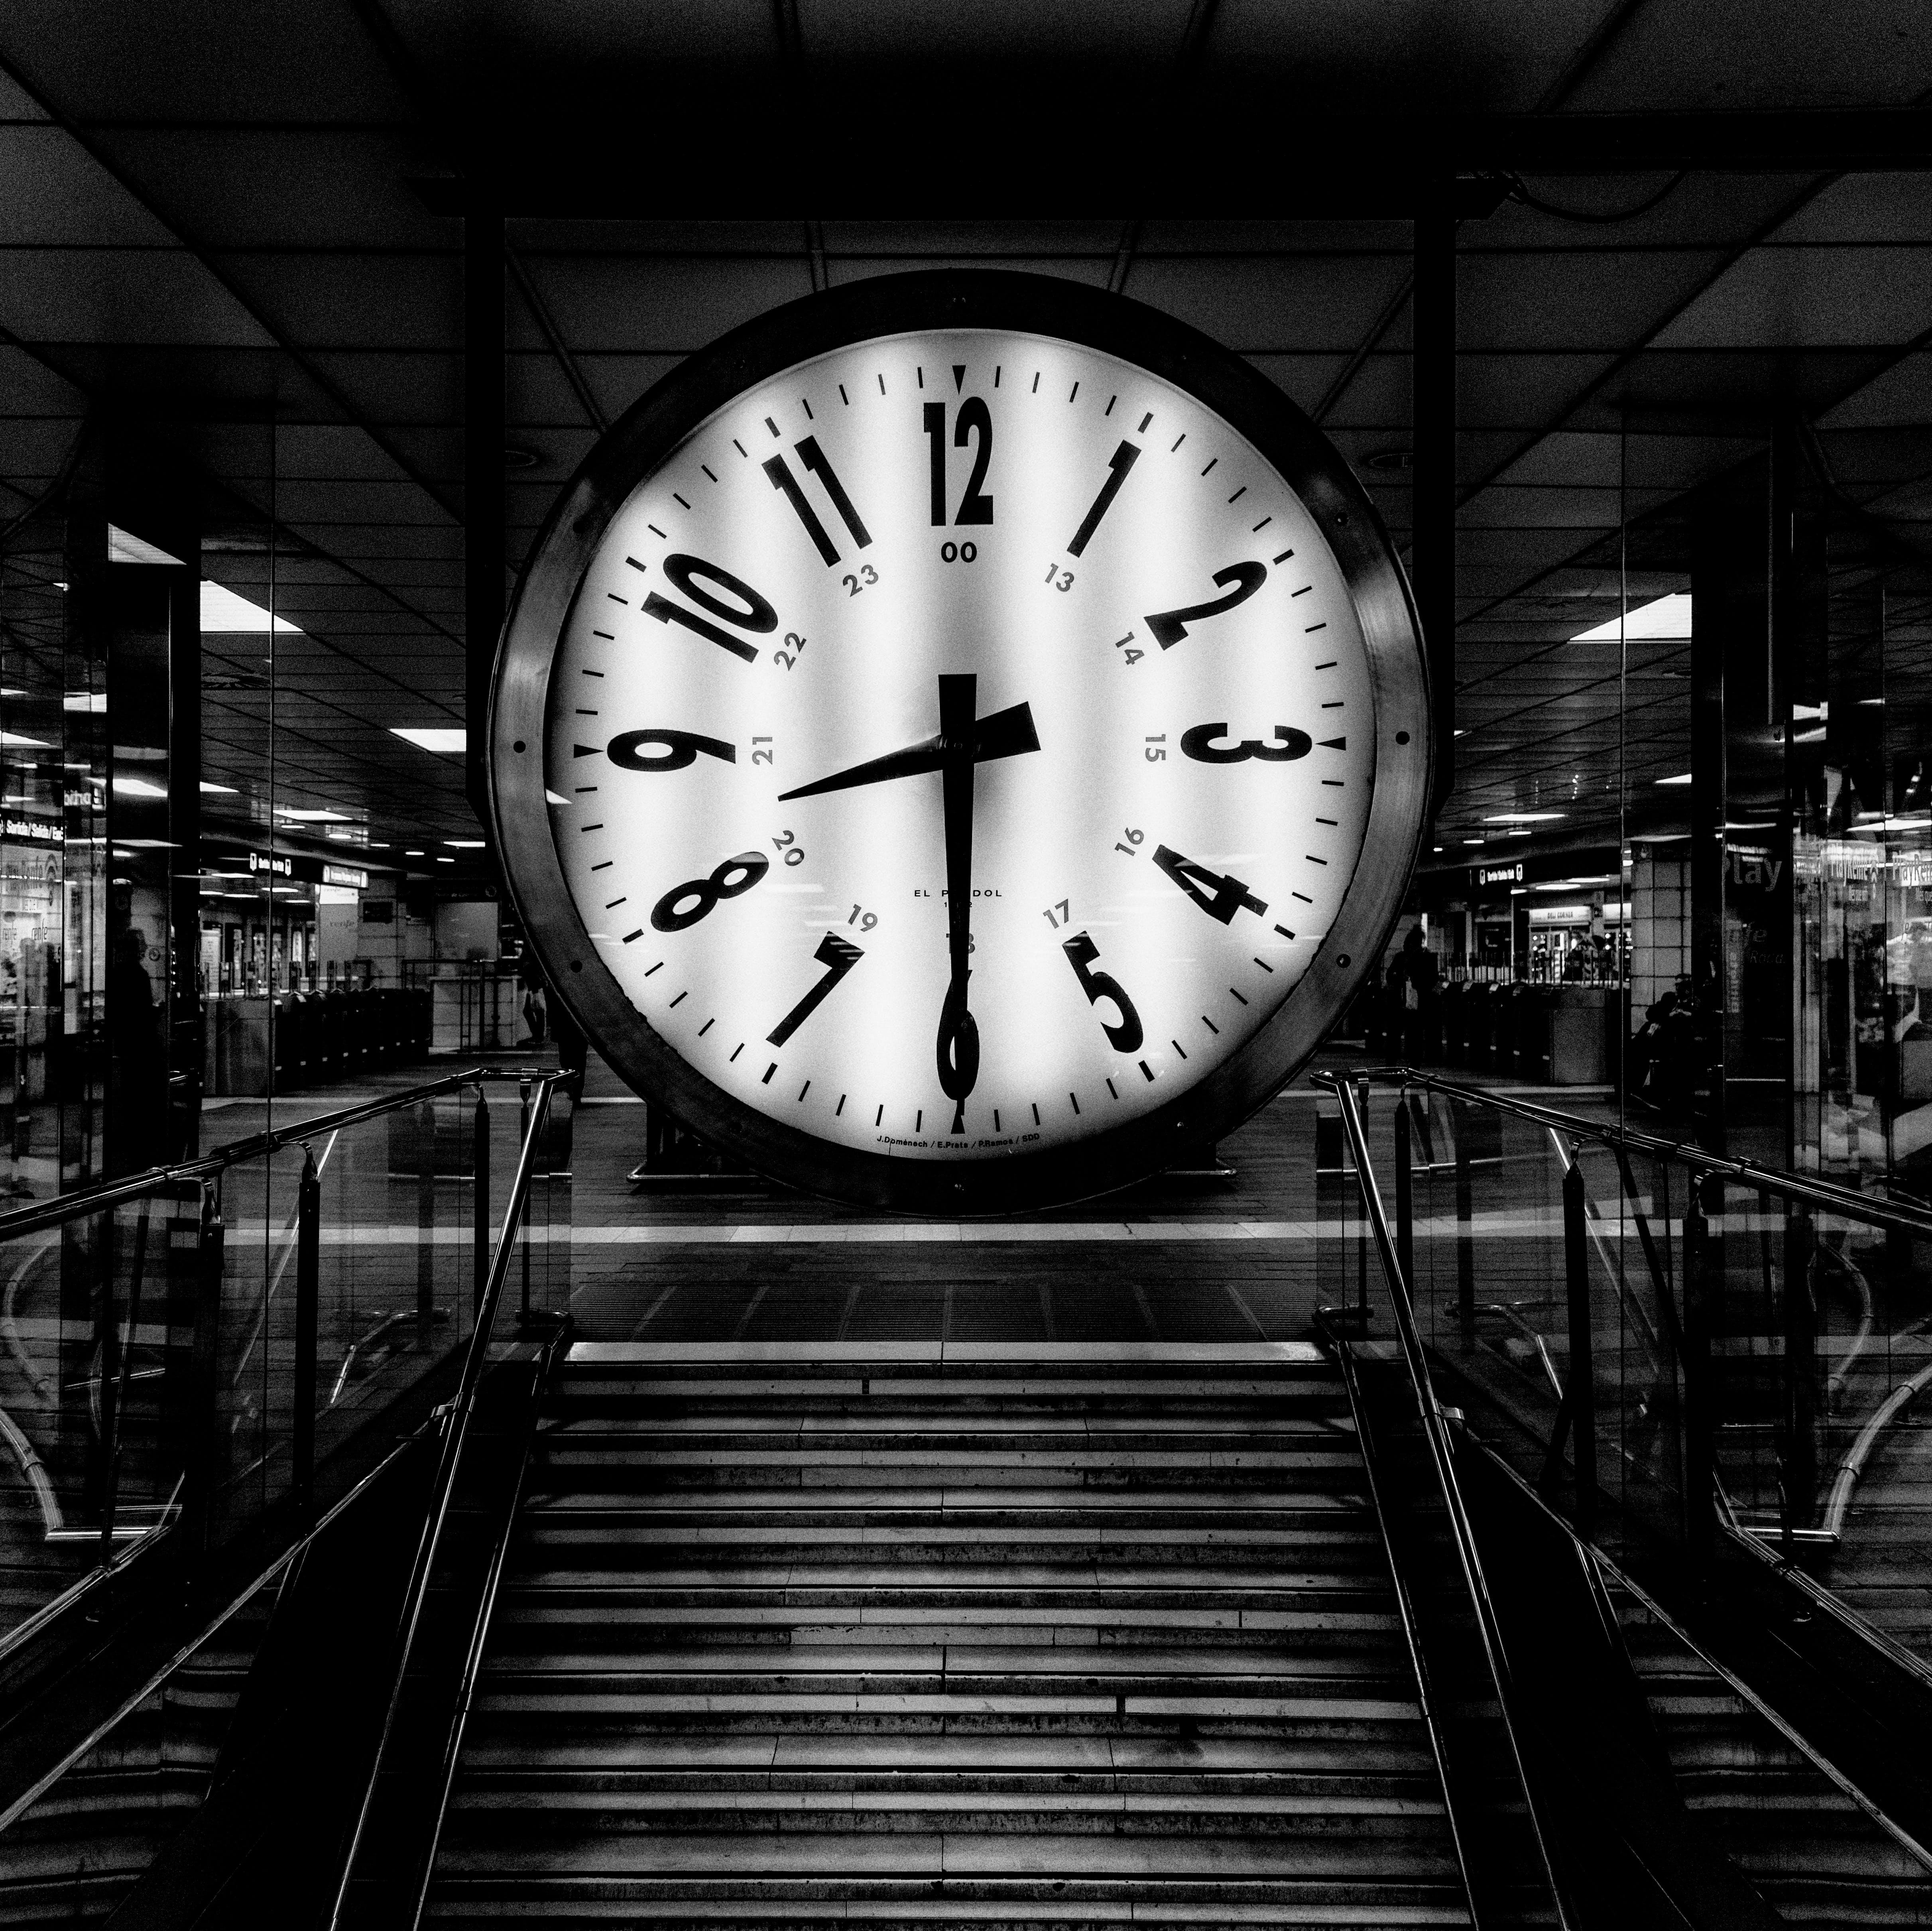 Безкоштовне стокове фото на тему «аналоговий, гігантські годинник, монохромний, цифри»